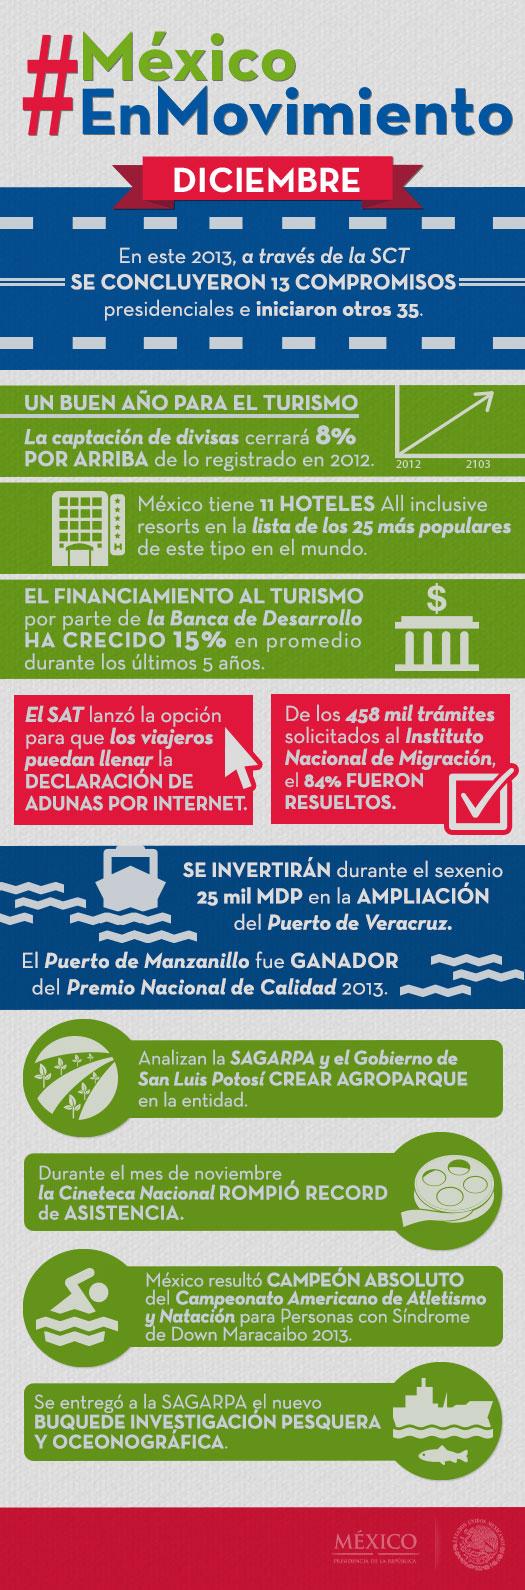 MexicoEnMovimiento 12diciembrejpg